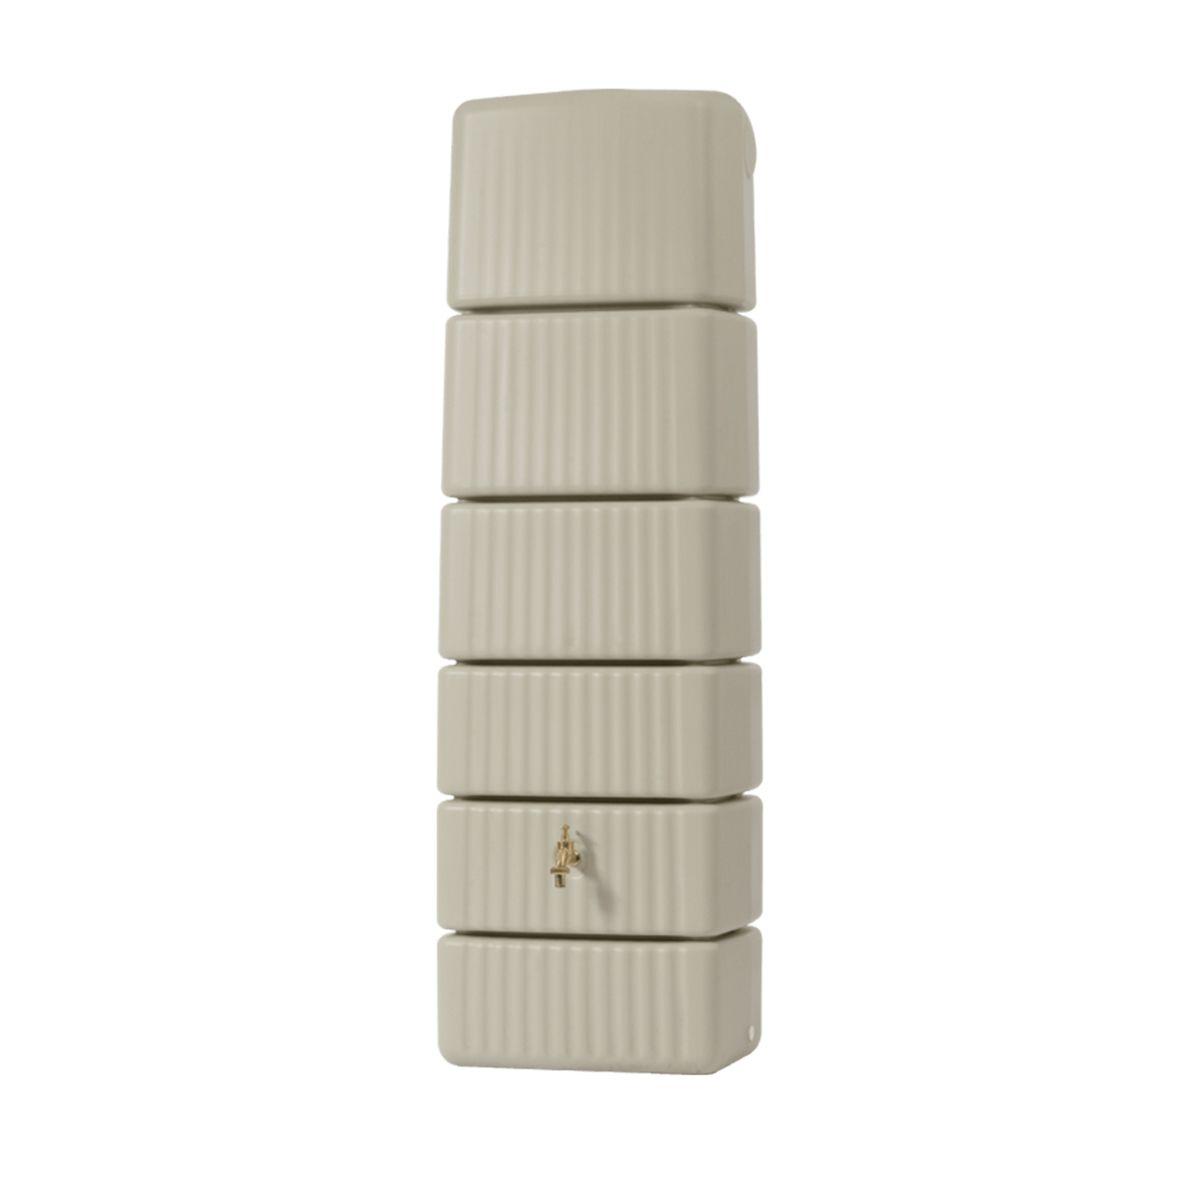 Wandtank Slim, aus PE-HD, sandbeige, 300 l, 580 x 370 x 1820 mm